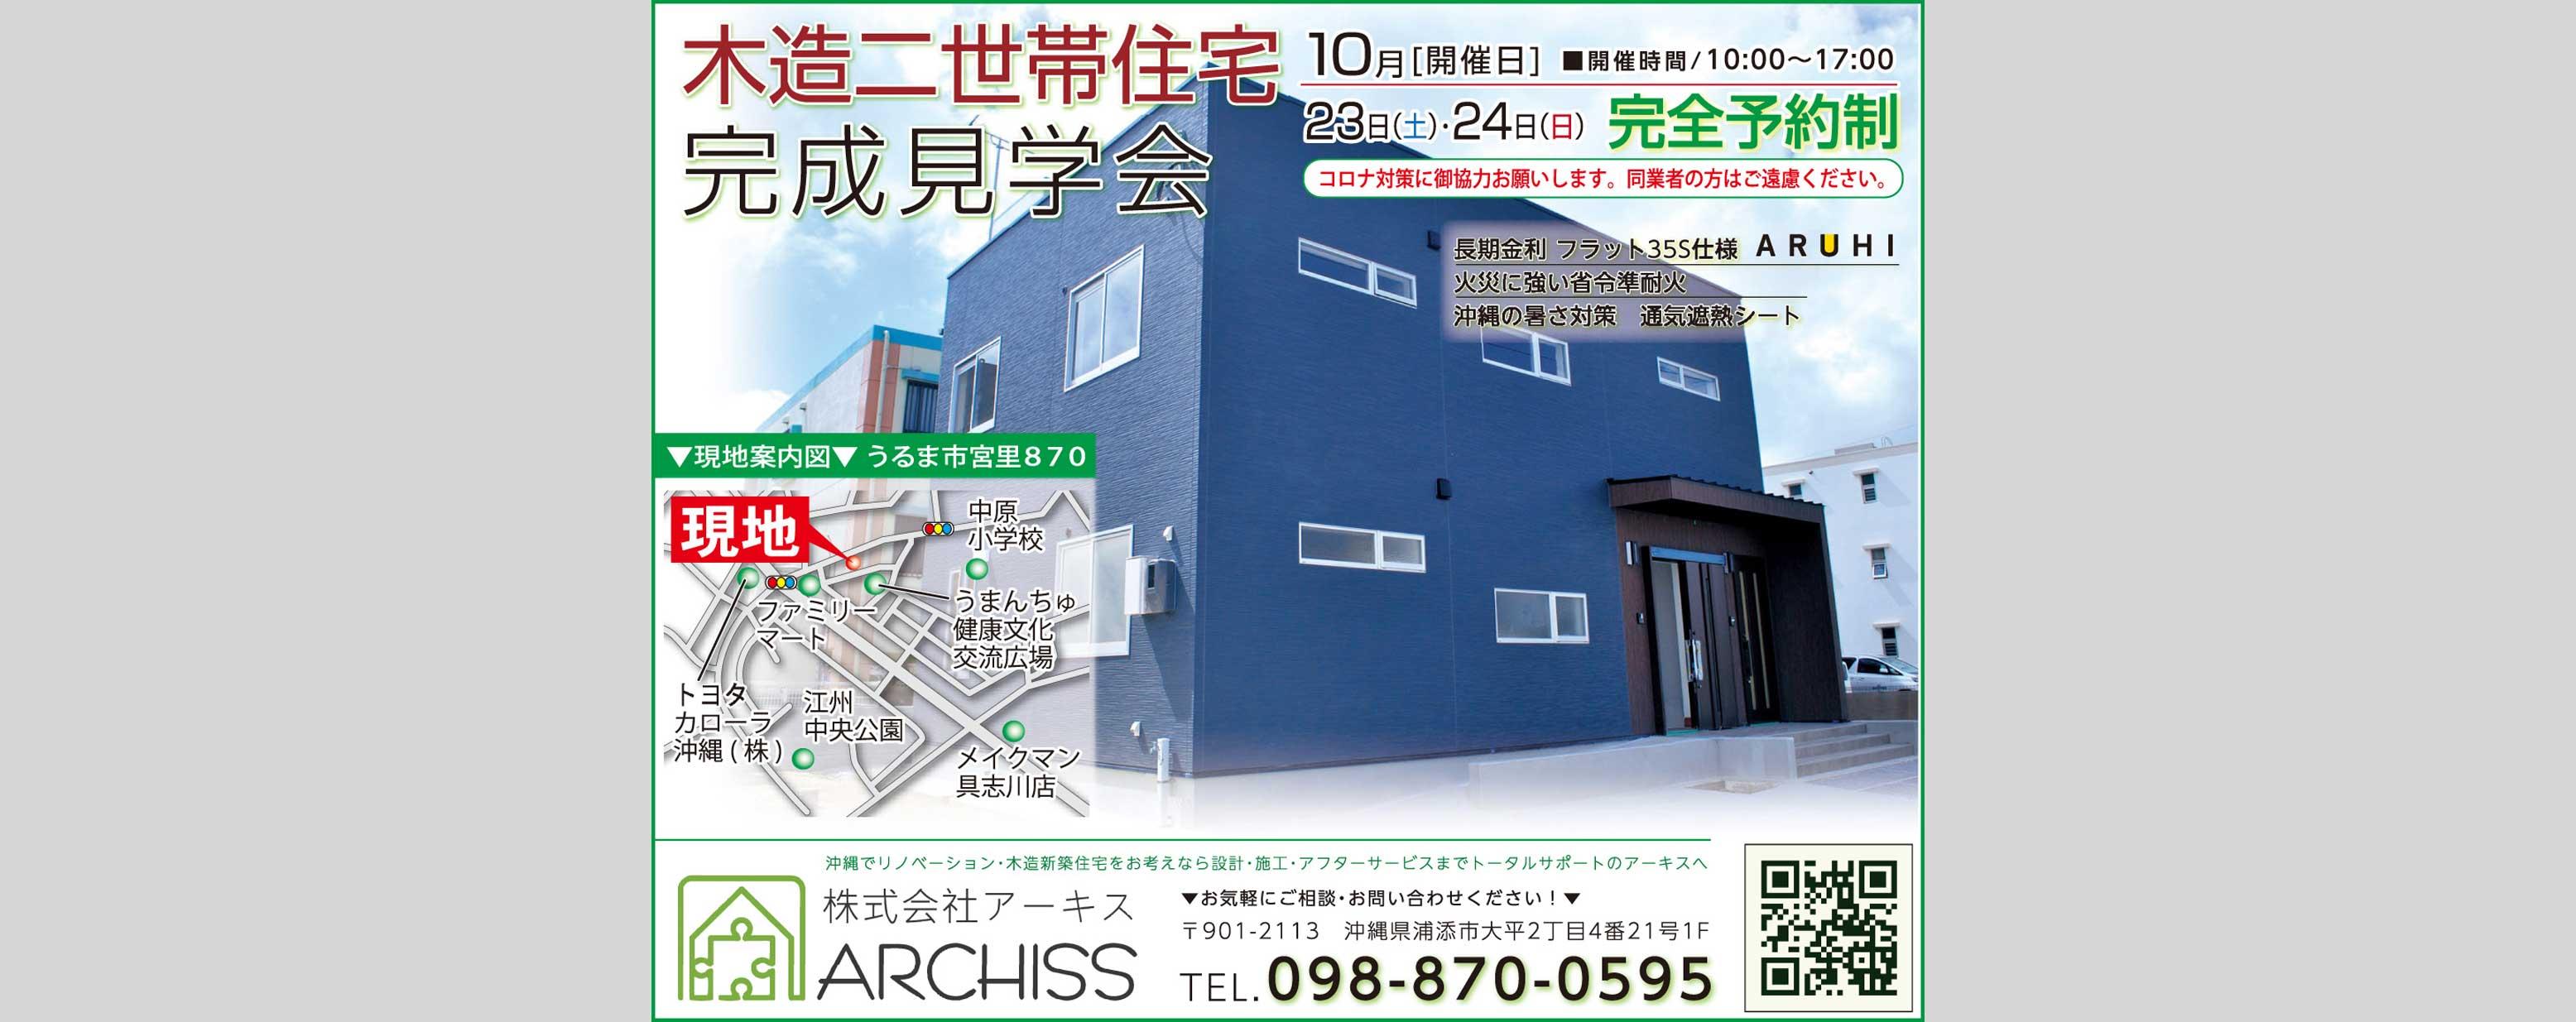 10/23~24にアーキスがうるま市宮里で木造二世帯住宅の完成見学会